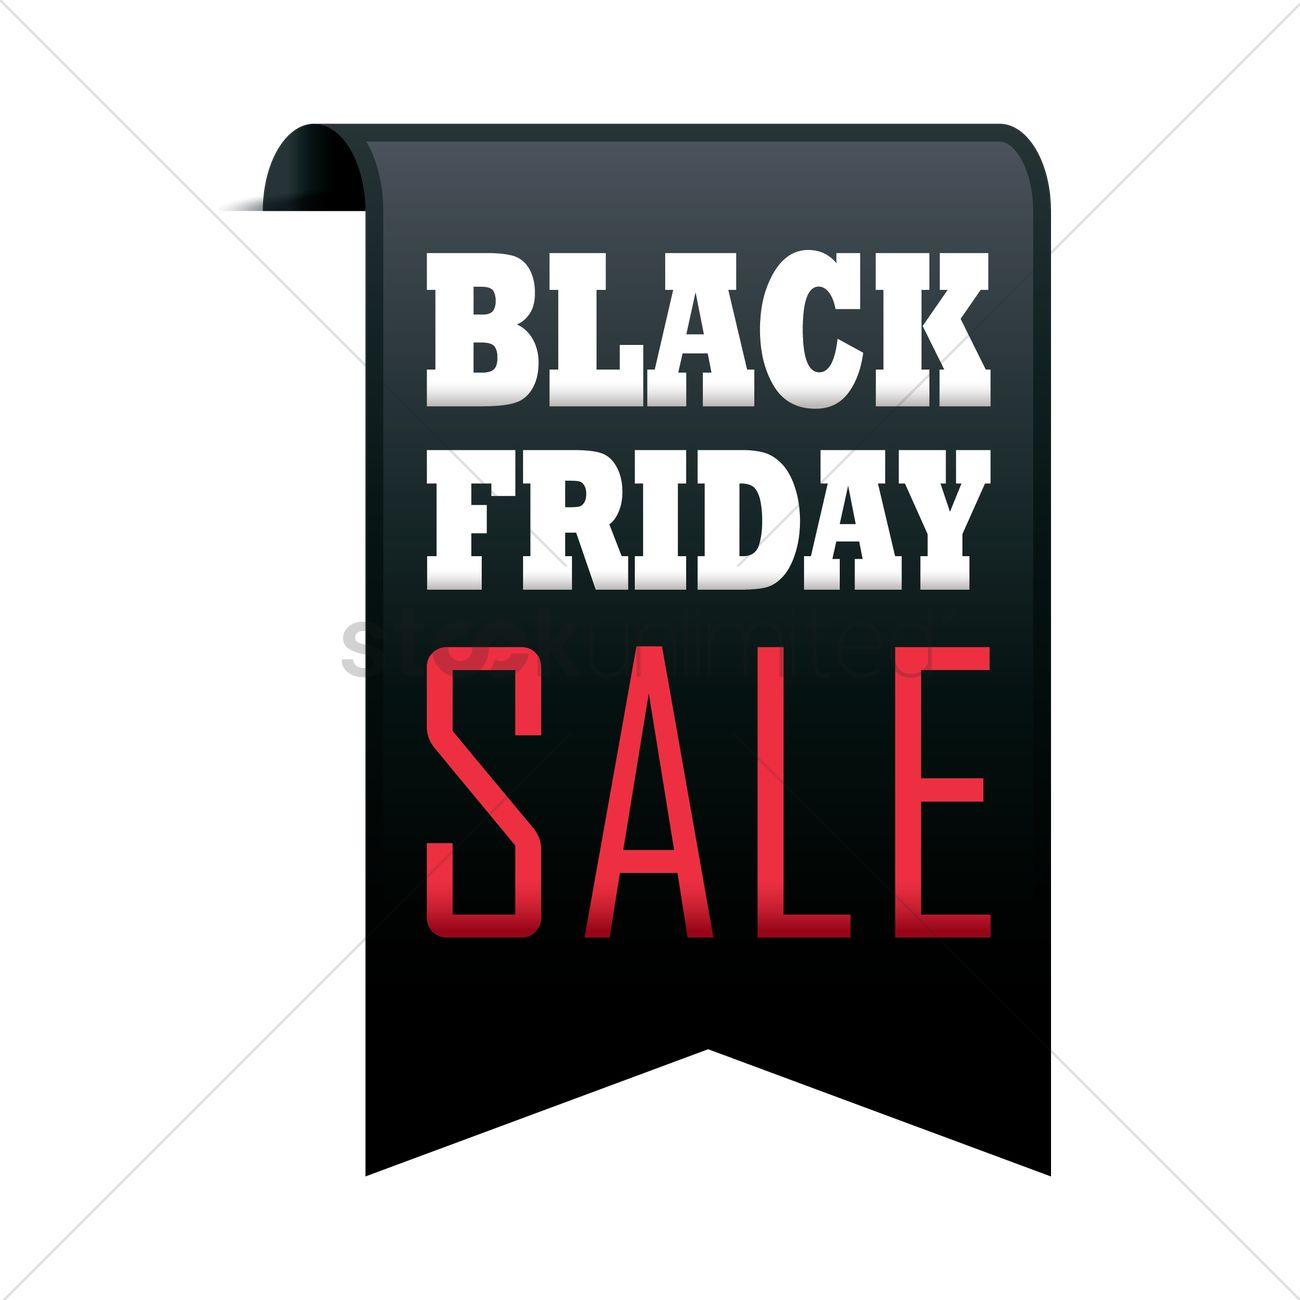 black friday sale banner vector image 1708887 stockunlimited. Black Bedroom Furniture Sets. Home Design Ideas